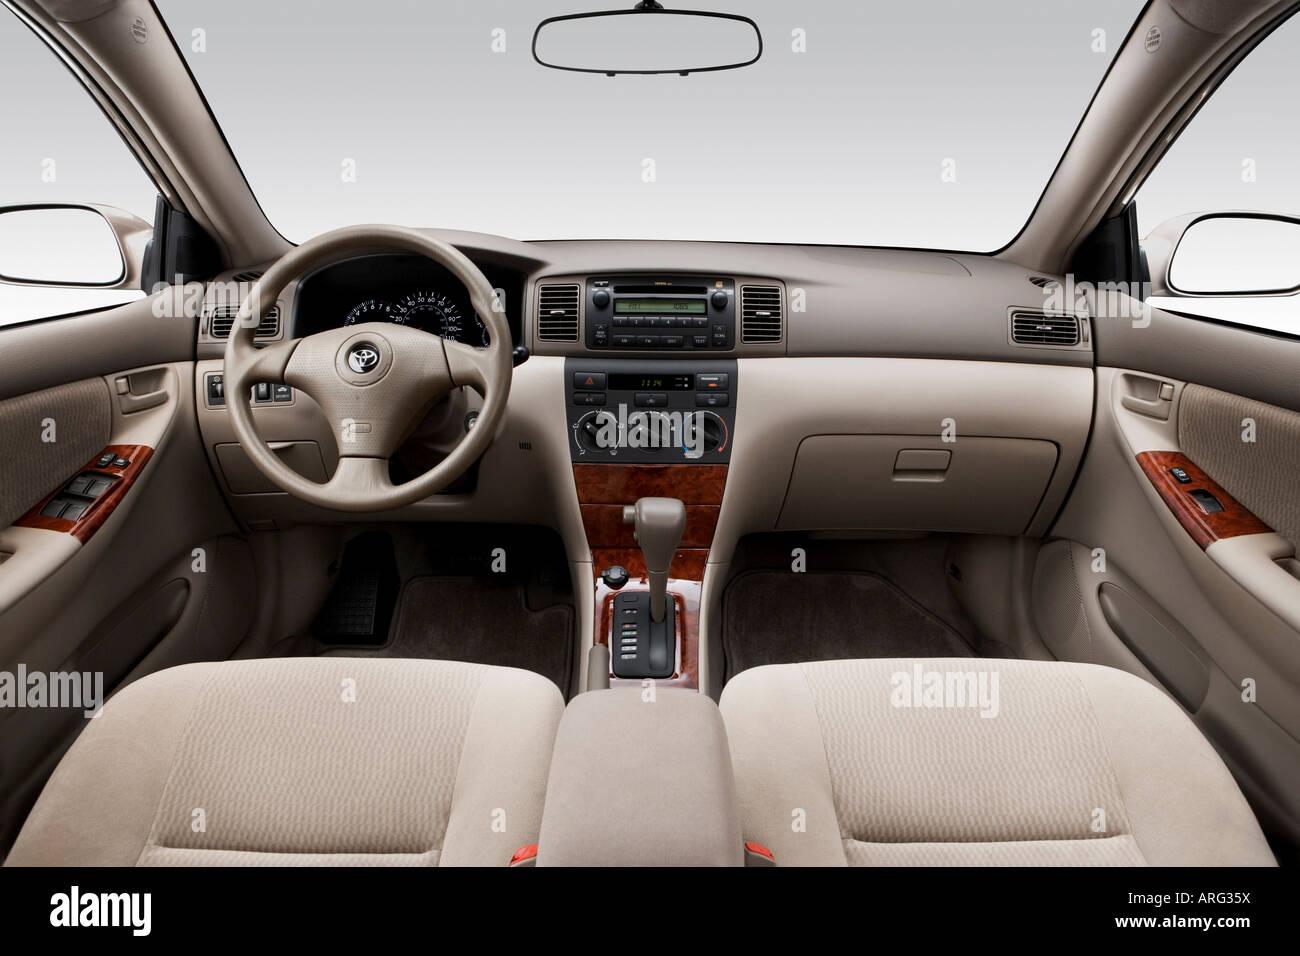 Kelebihan Toyota Corolla 2007 Review